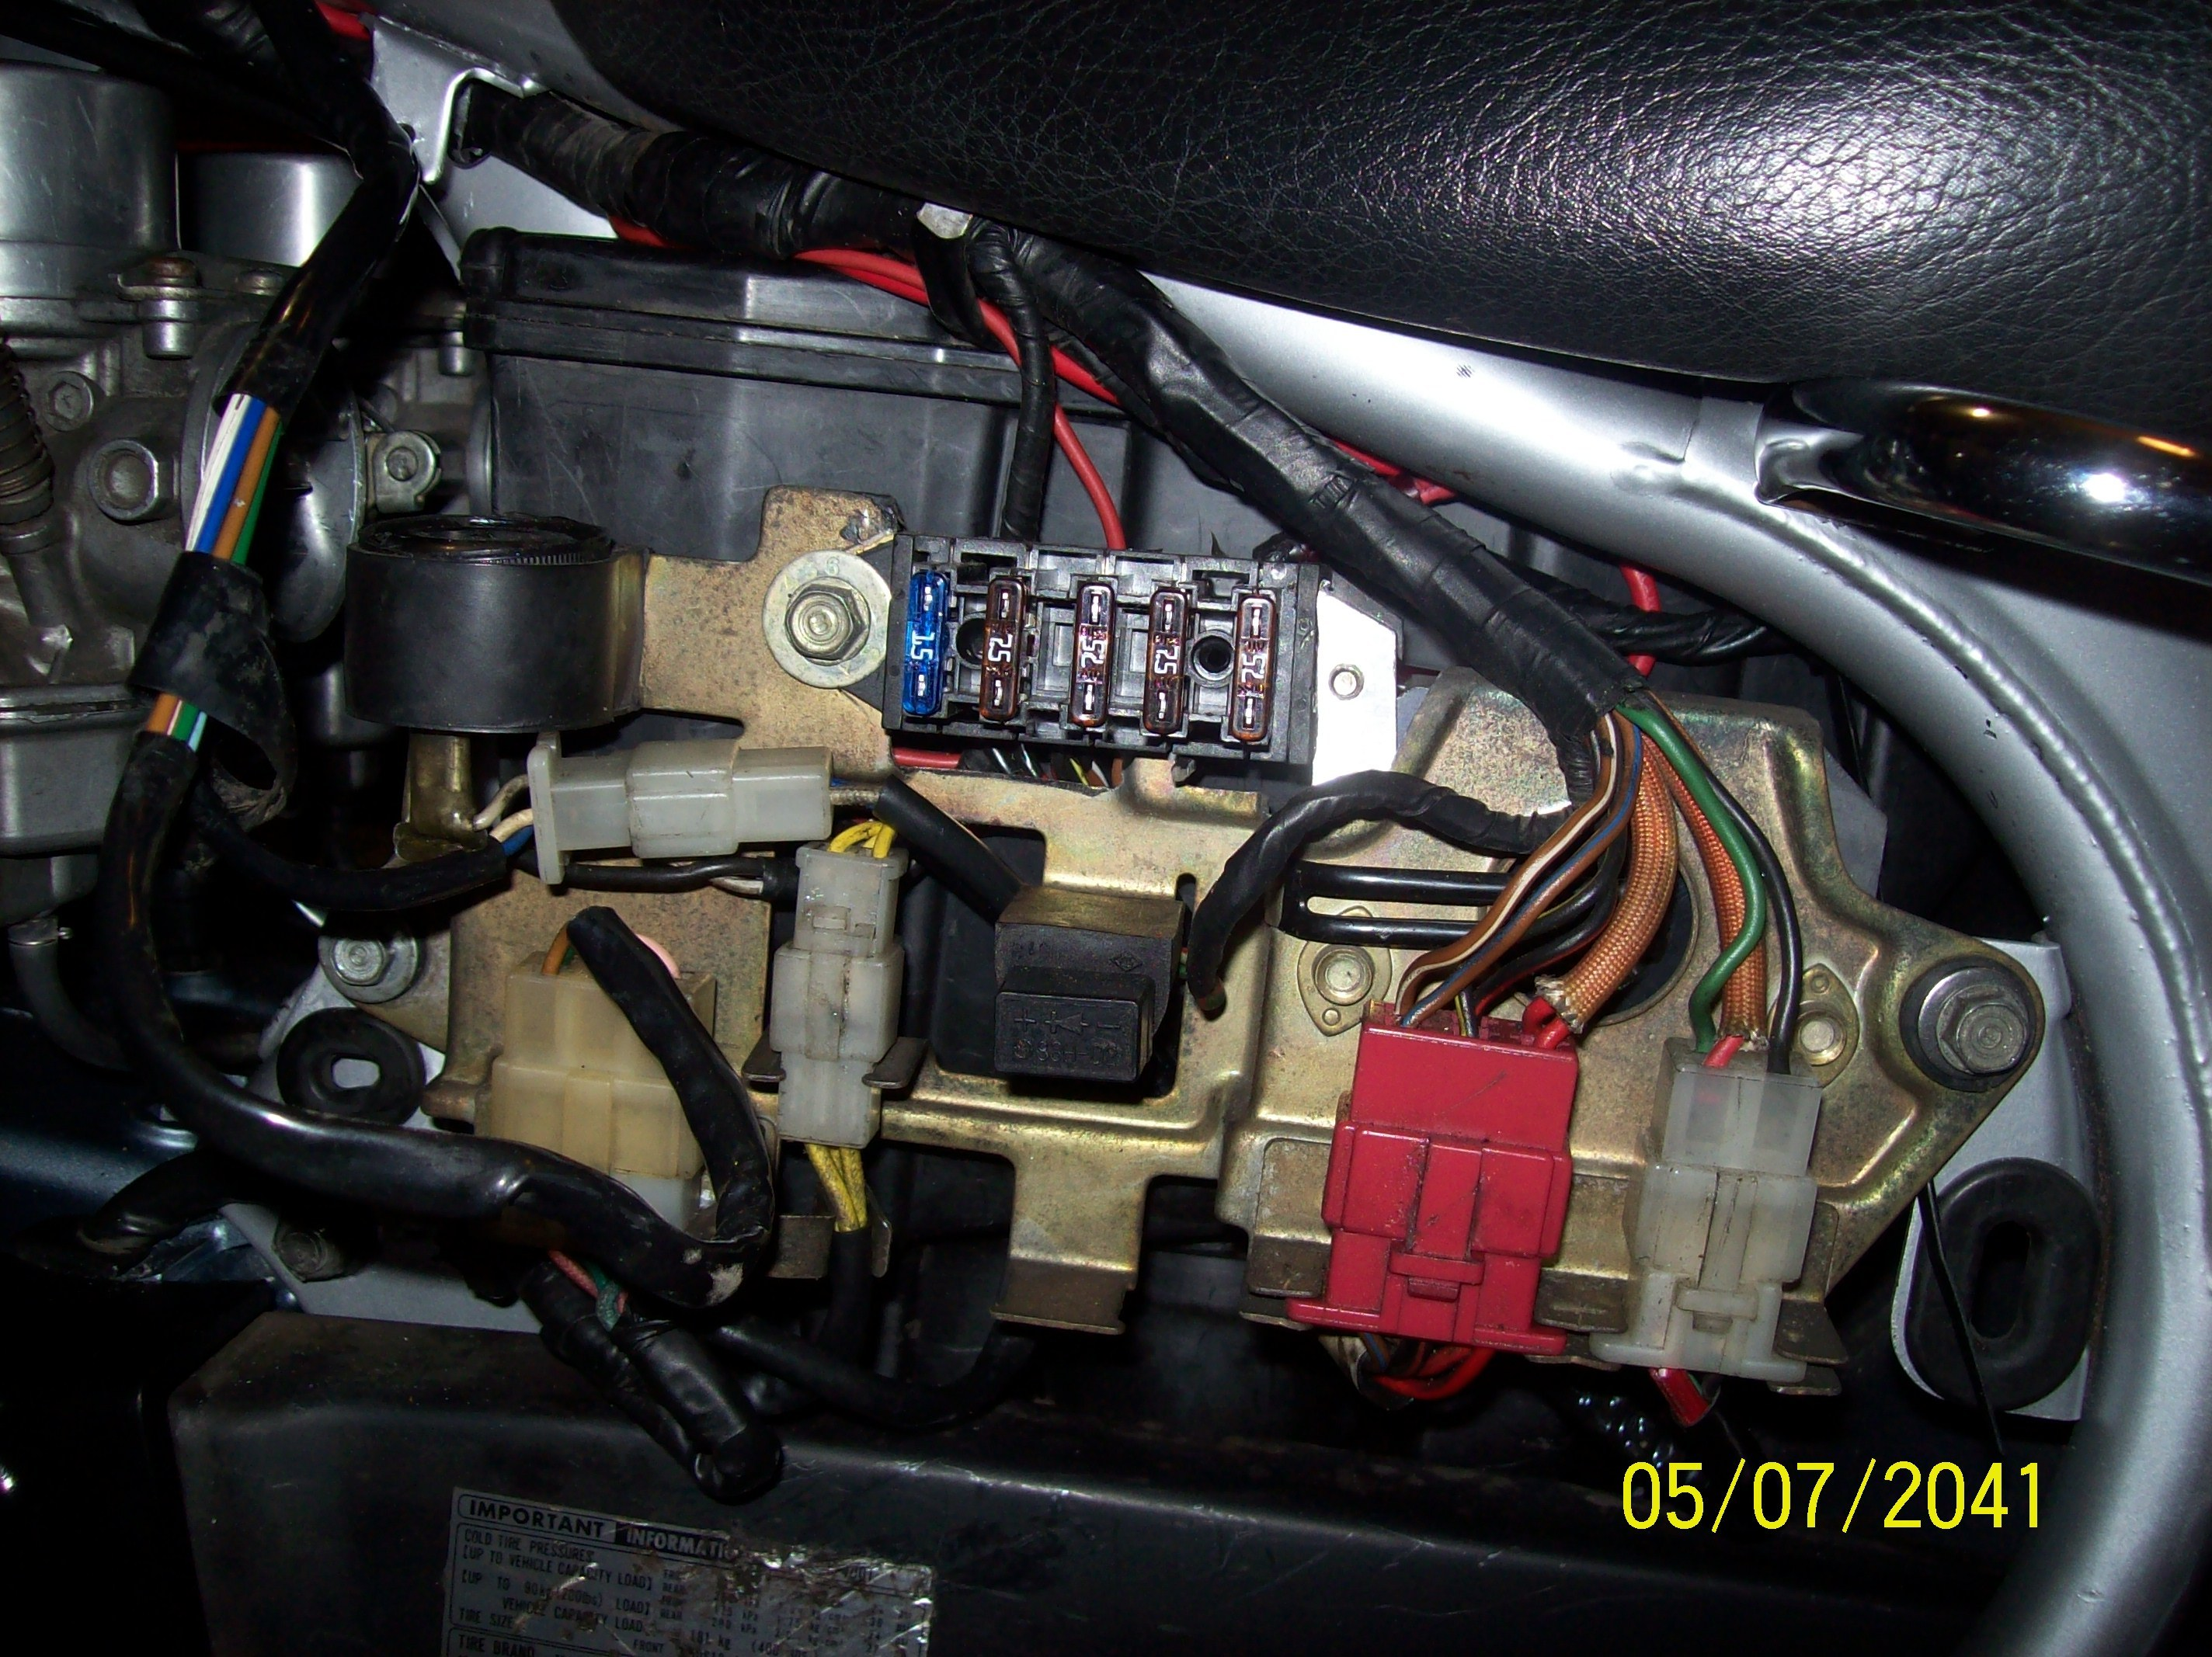 Voltage Regulator/Rectifier Upgrade = Mosfet-201_4565.jpg